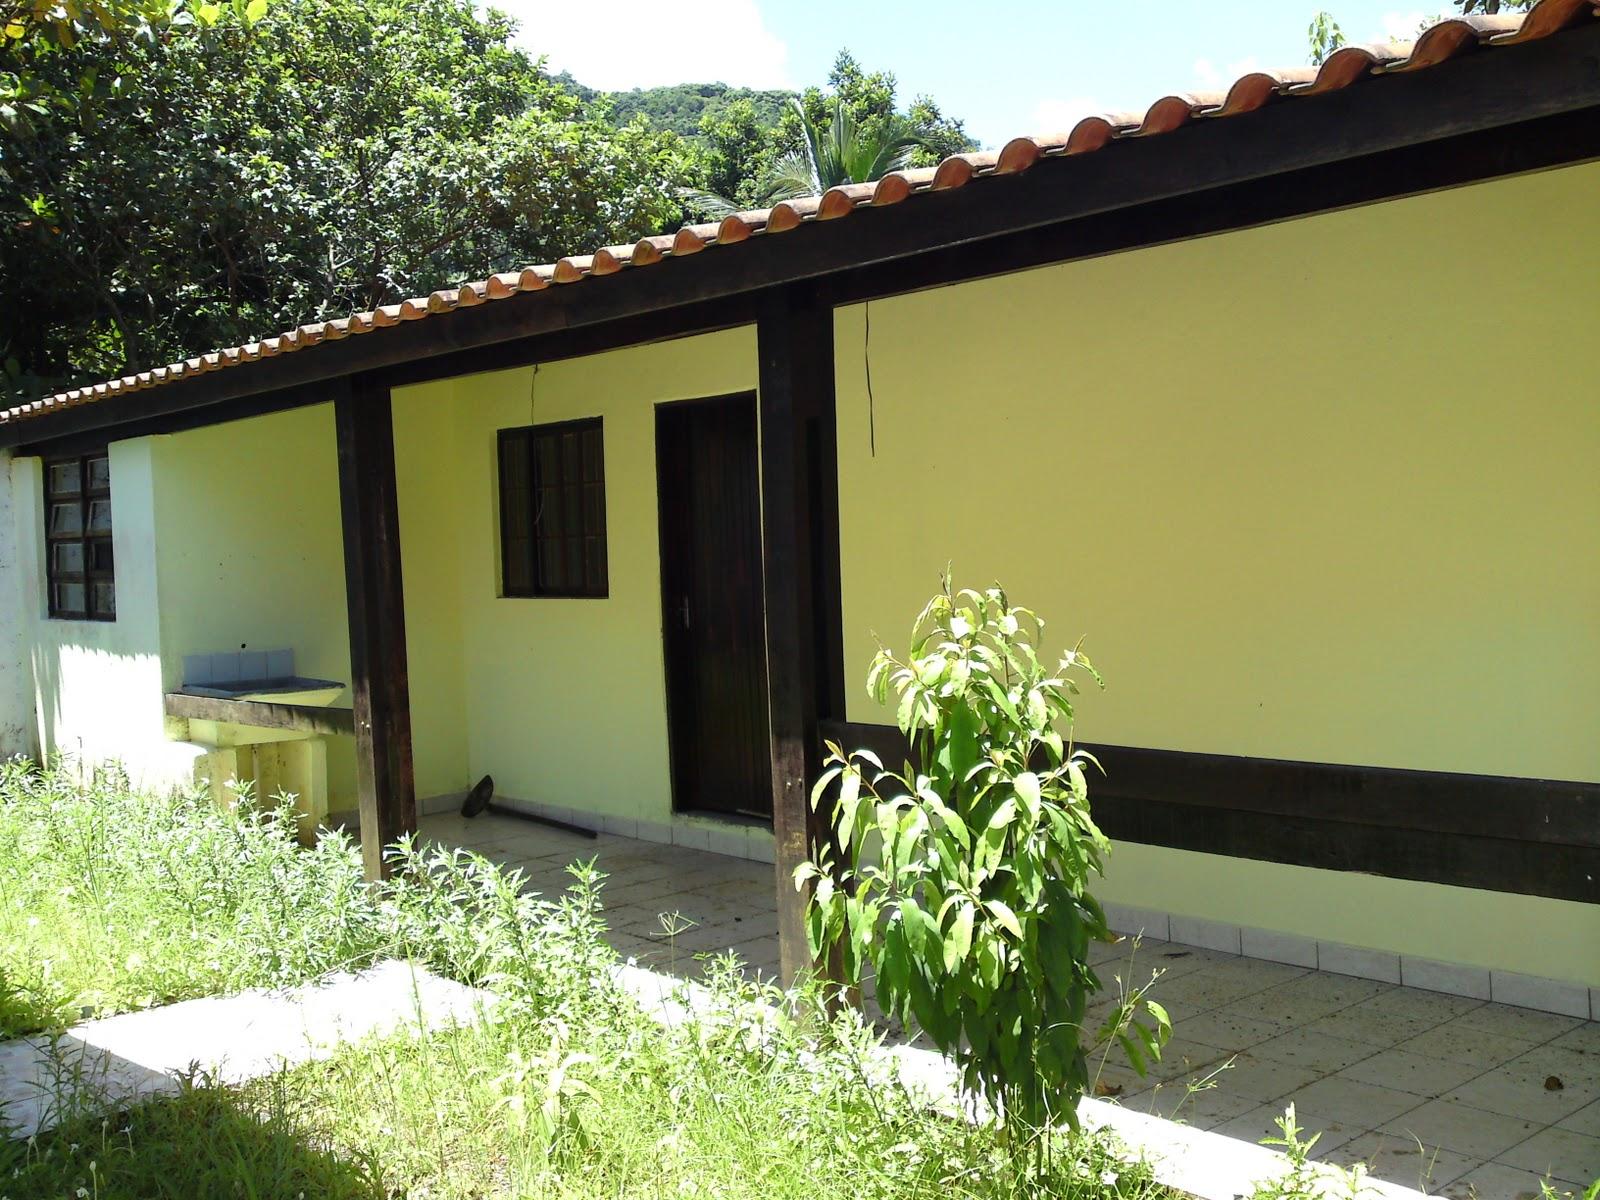 Seu sonho a um passo da realidade: Vende se #7E9833 1600x1200 Banheiro Acessivel Completo